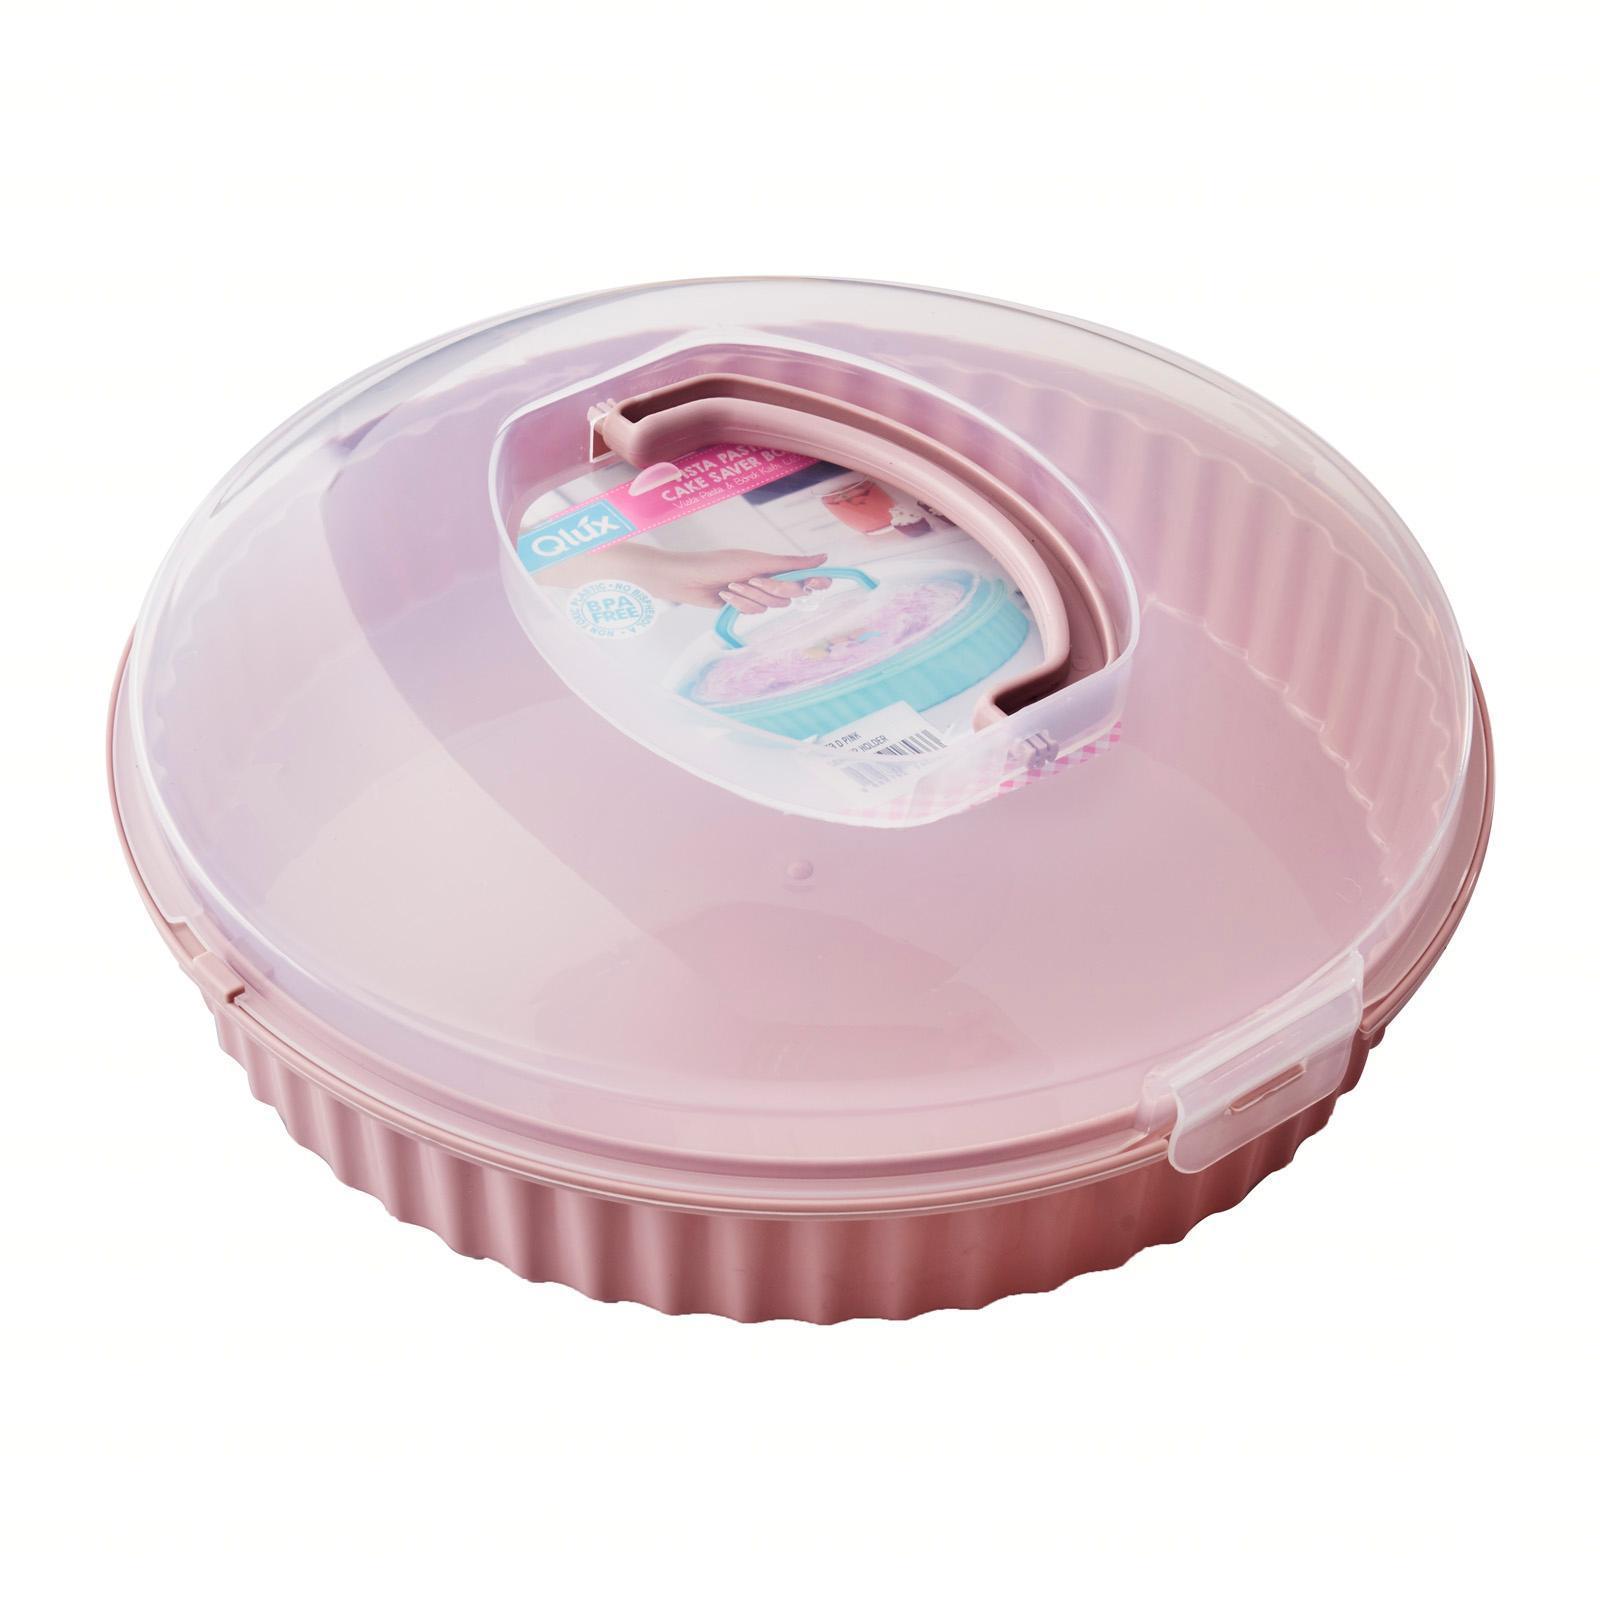 Lux Vista Cake Carrier Holder (Dull Pink) D31.5 H10 CM